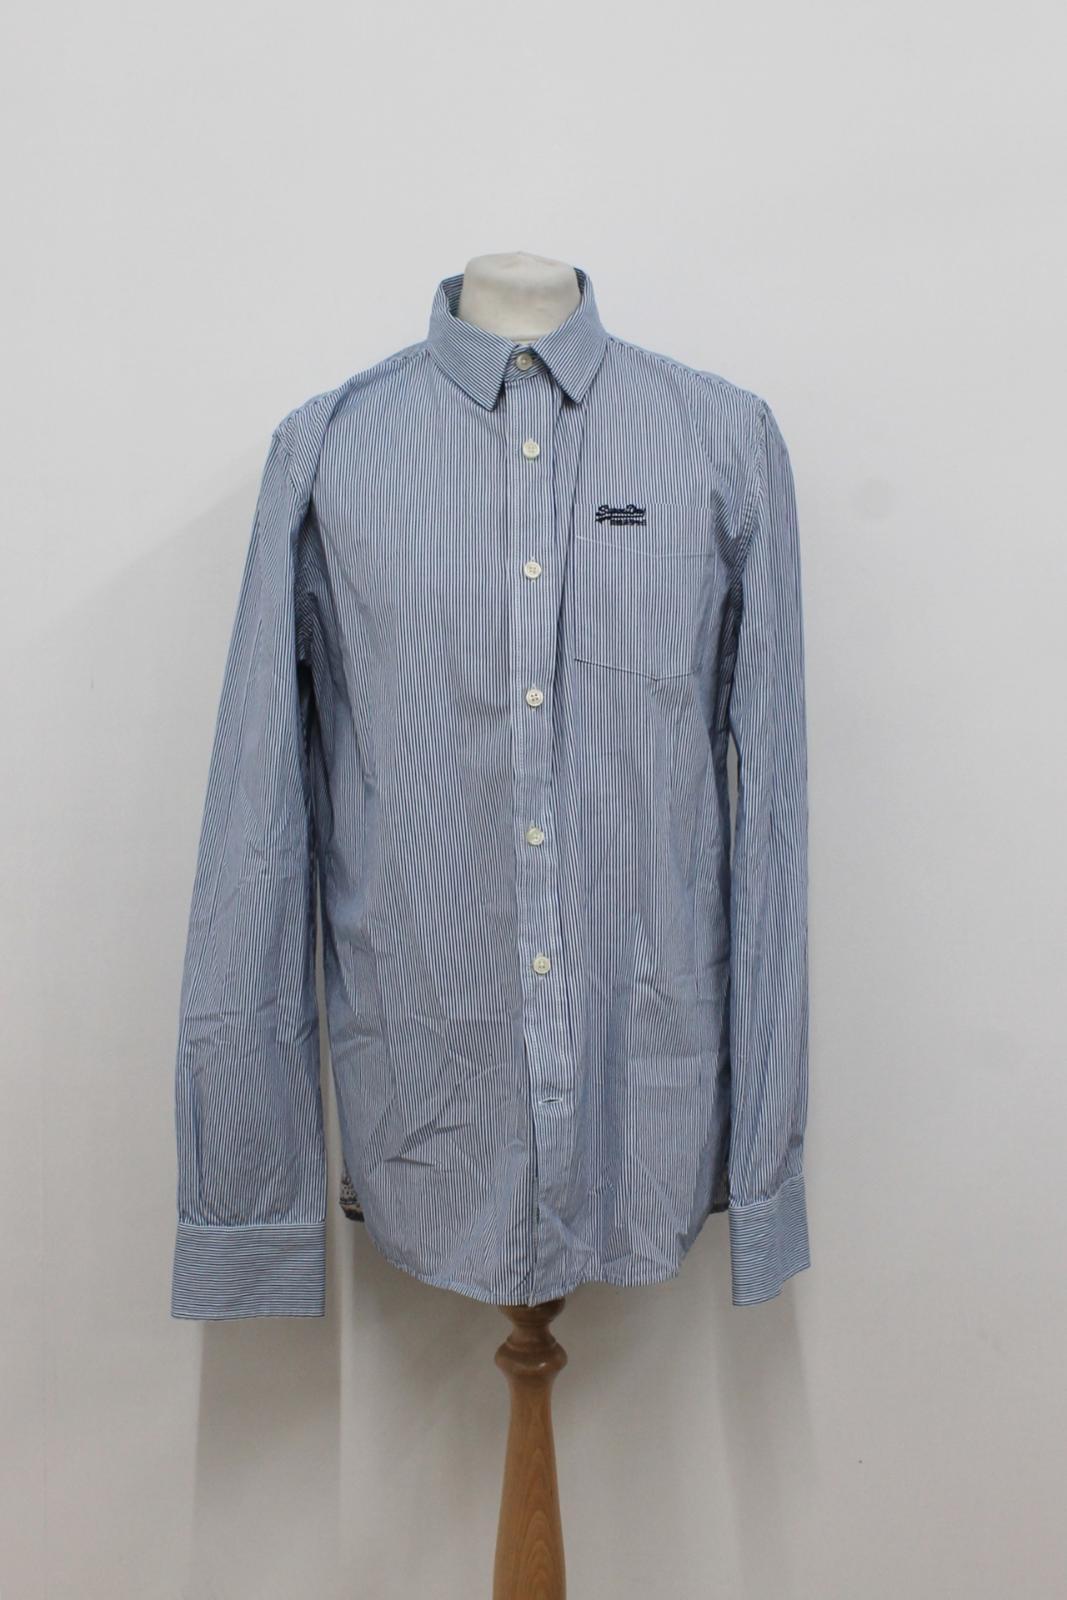 Camiseta-para-Hombre-de-Manga-Larga-Blanco-Azul-a-Rayas-Con-Cuello-Informal-Camisa-Tamano-XXL miniatura 12